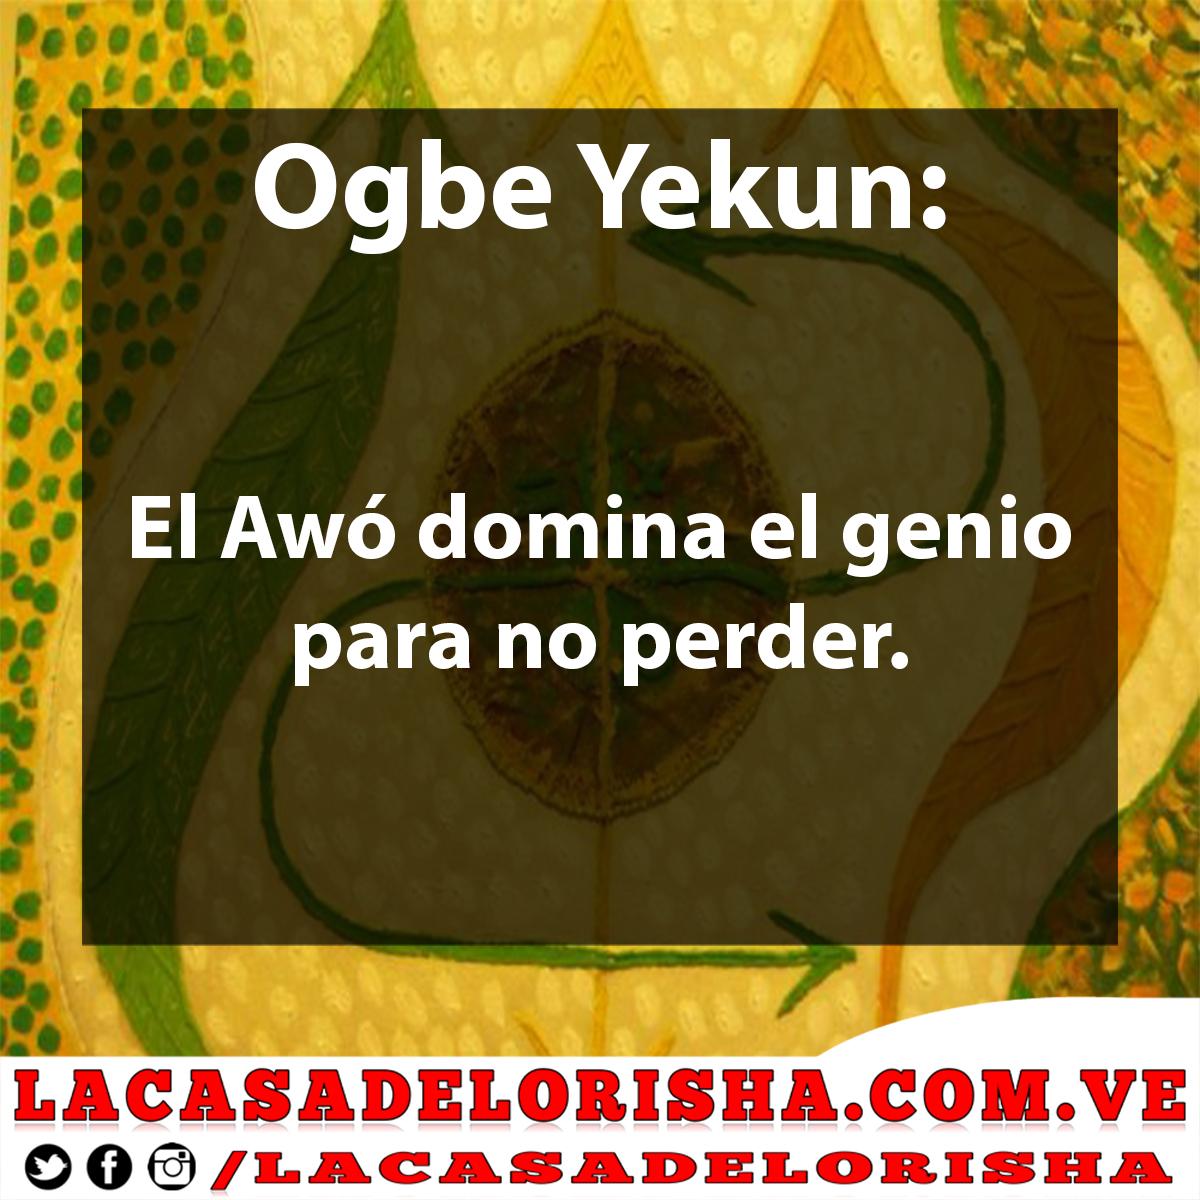 ogbe-yekun-oddun